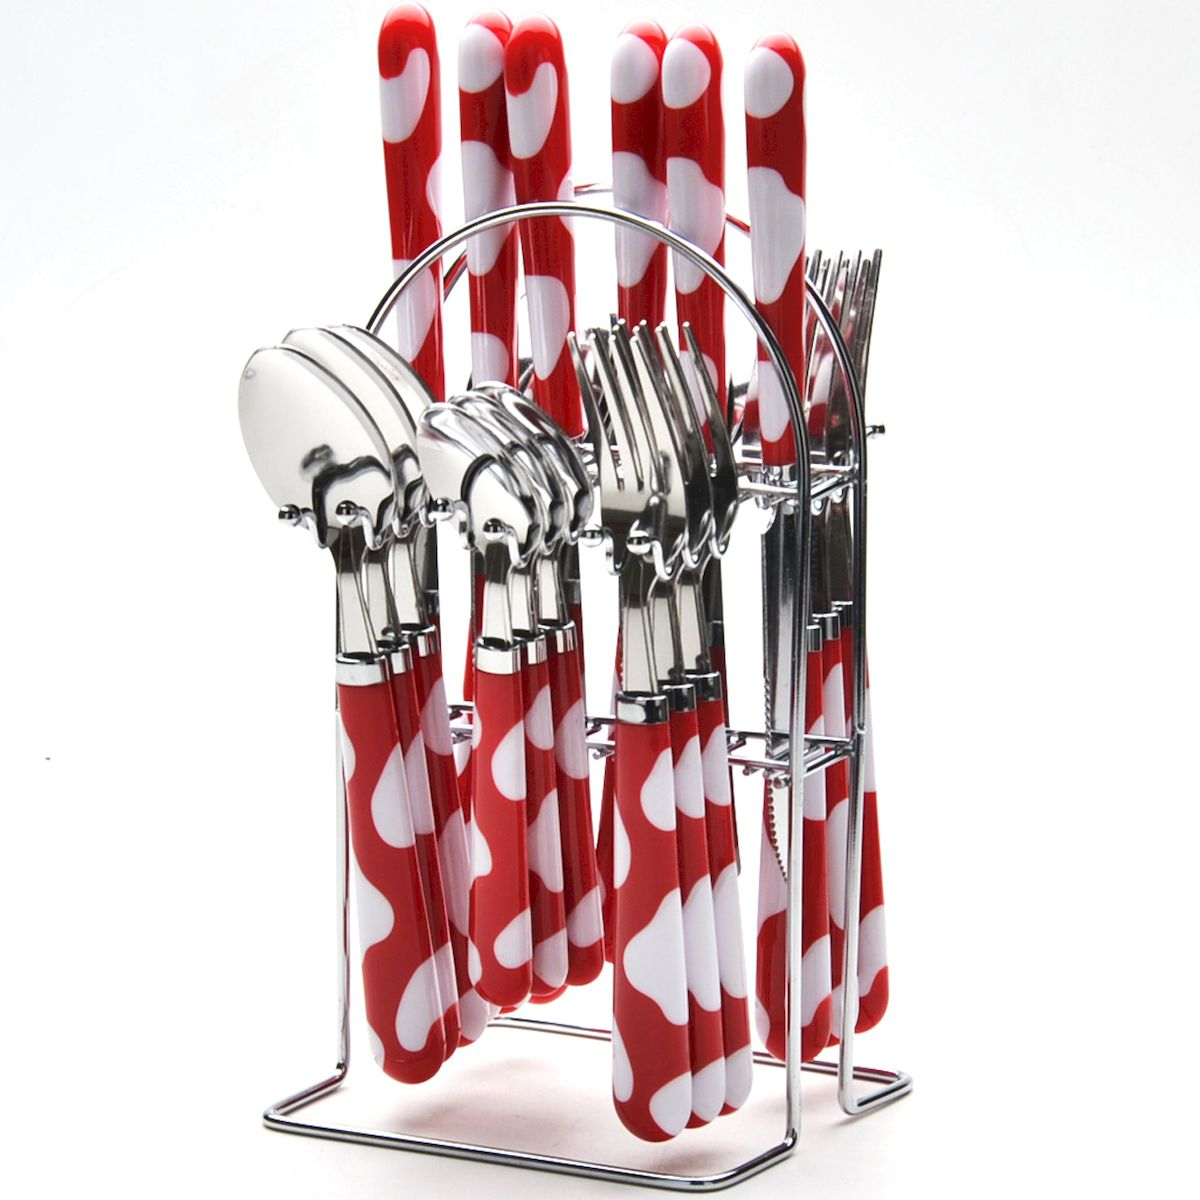 Набор столовых приборов Mayer & Boch, на подставке, цвет: белый, красный, 25 предметов. 22491-122491-1Набор Mayer & Boch включает 25 предметов: 6 столовыхножей, 6столовых ложек, 6 столовых вилок, 6 чайных ложек иподставку. Приборывыполнены из прочной нержавеющей стали и пластика.Прекрасное сочетание оригинального дизайна и удобствоиспользованияпредметов набора придется по душе каждому. Предметынабора расположены наметаллической подставке.Набор столовых приборов Mayer & Boch подойдет длясервировки стола какдома, так и на даче и всегда будет важной частью трапезы.Длина столовой ложки: 20,5 см.Длина вилки: 20,5 см.Длина ножа: 22 см.Длина чайной ложки: 17 см.Размер подставки: 13,5 х 12 х 24 см.